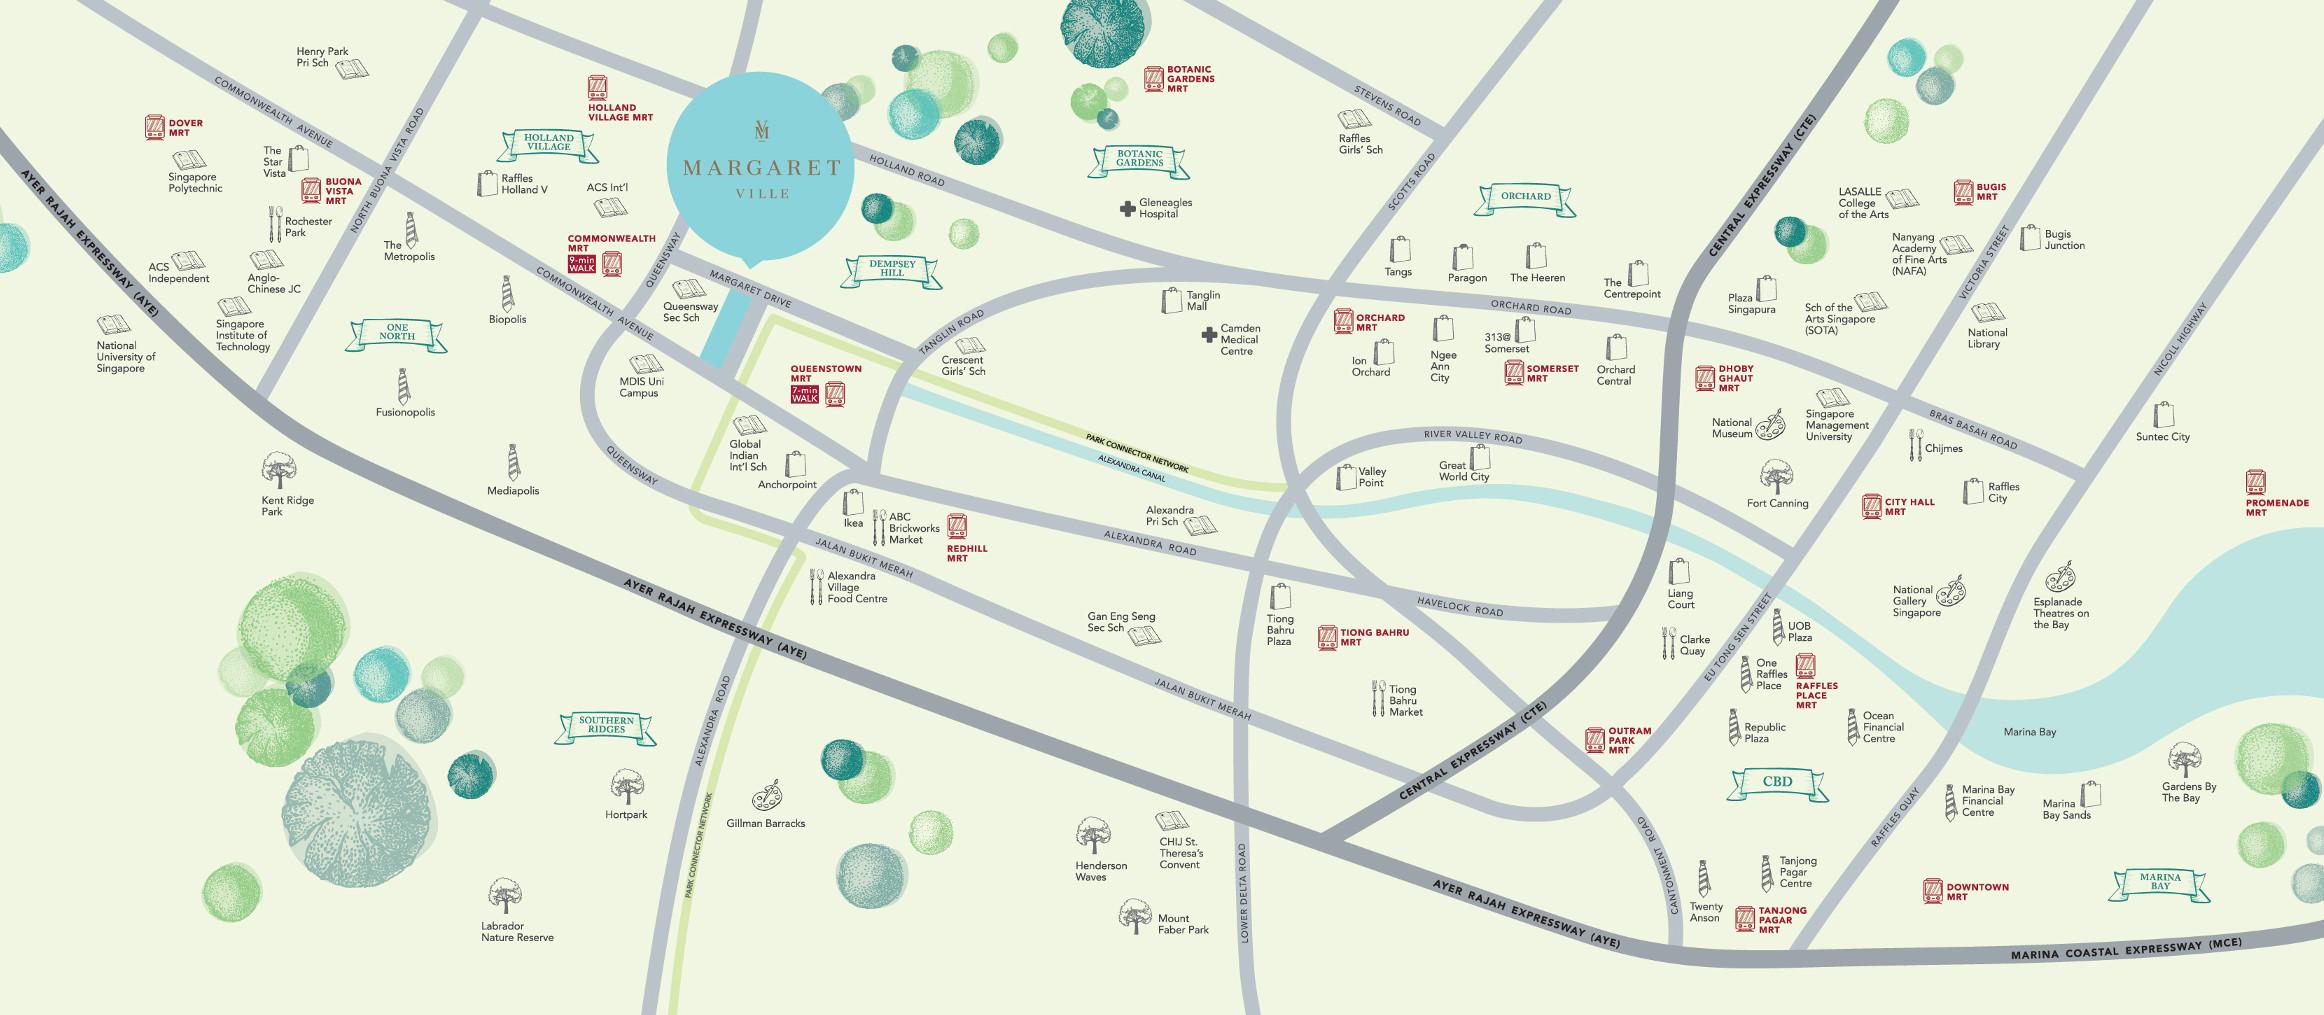 Margaret Ville Condo Location Plan